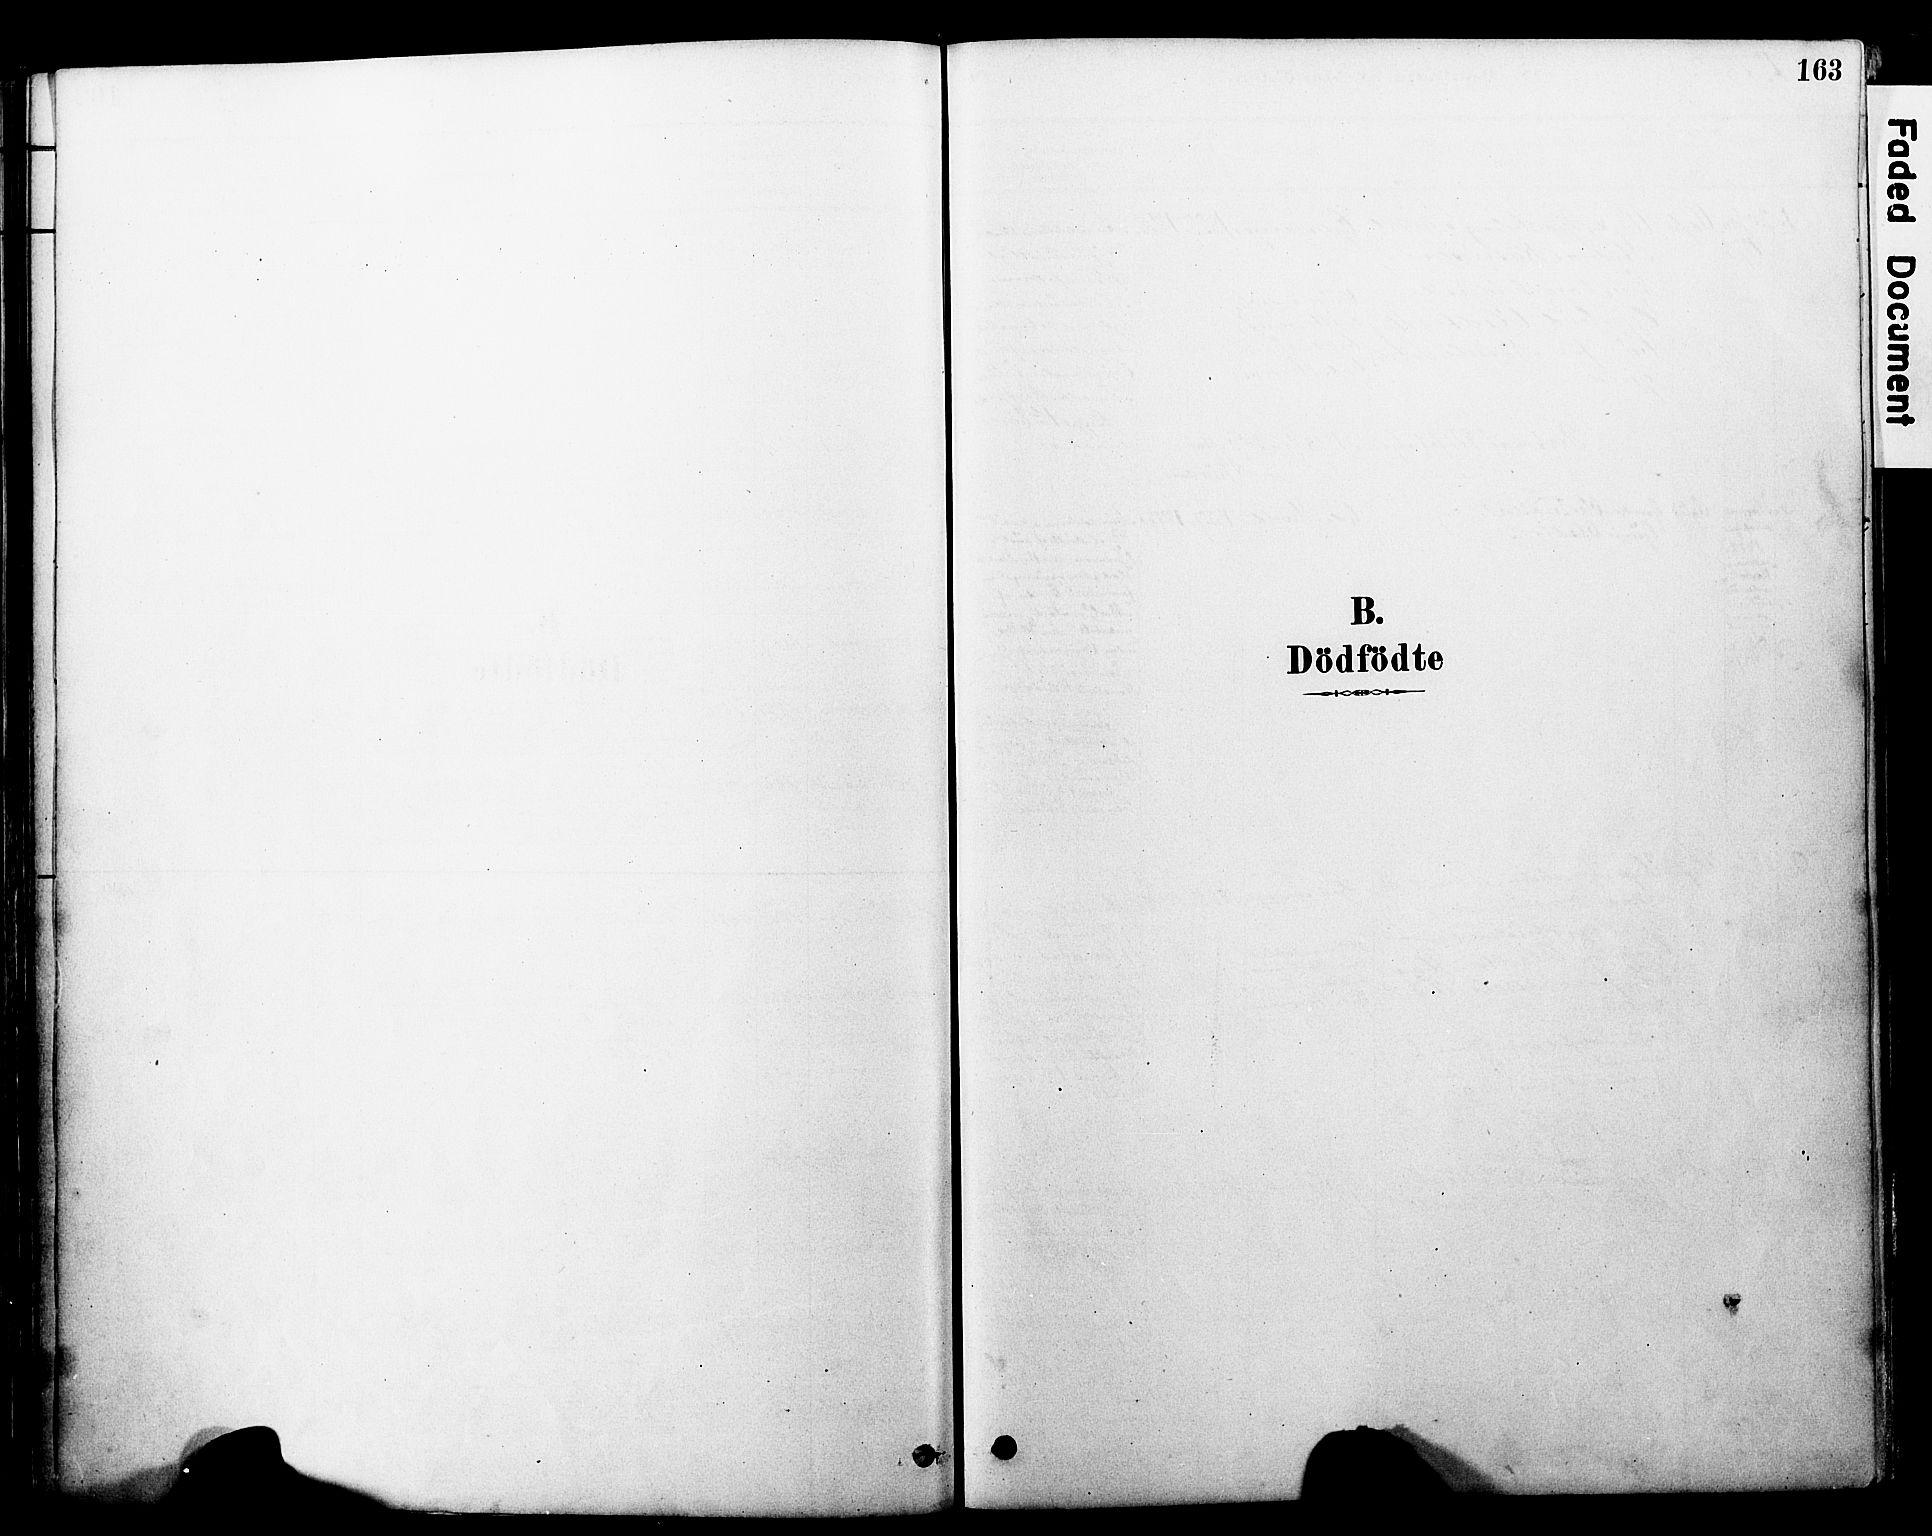 SAT, Ministerialprotokoller, klokkerbøker og fødselsregistre - Møre og Romsdal, 560/L0721: Parish register (official) no. 560A05, 1878-1917, p. 163